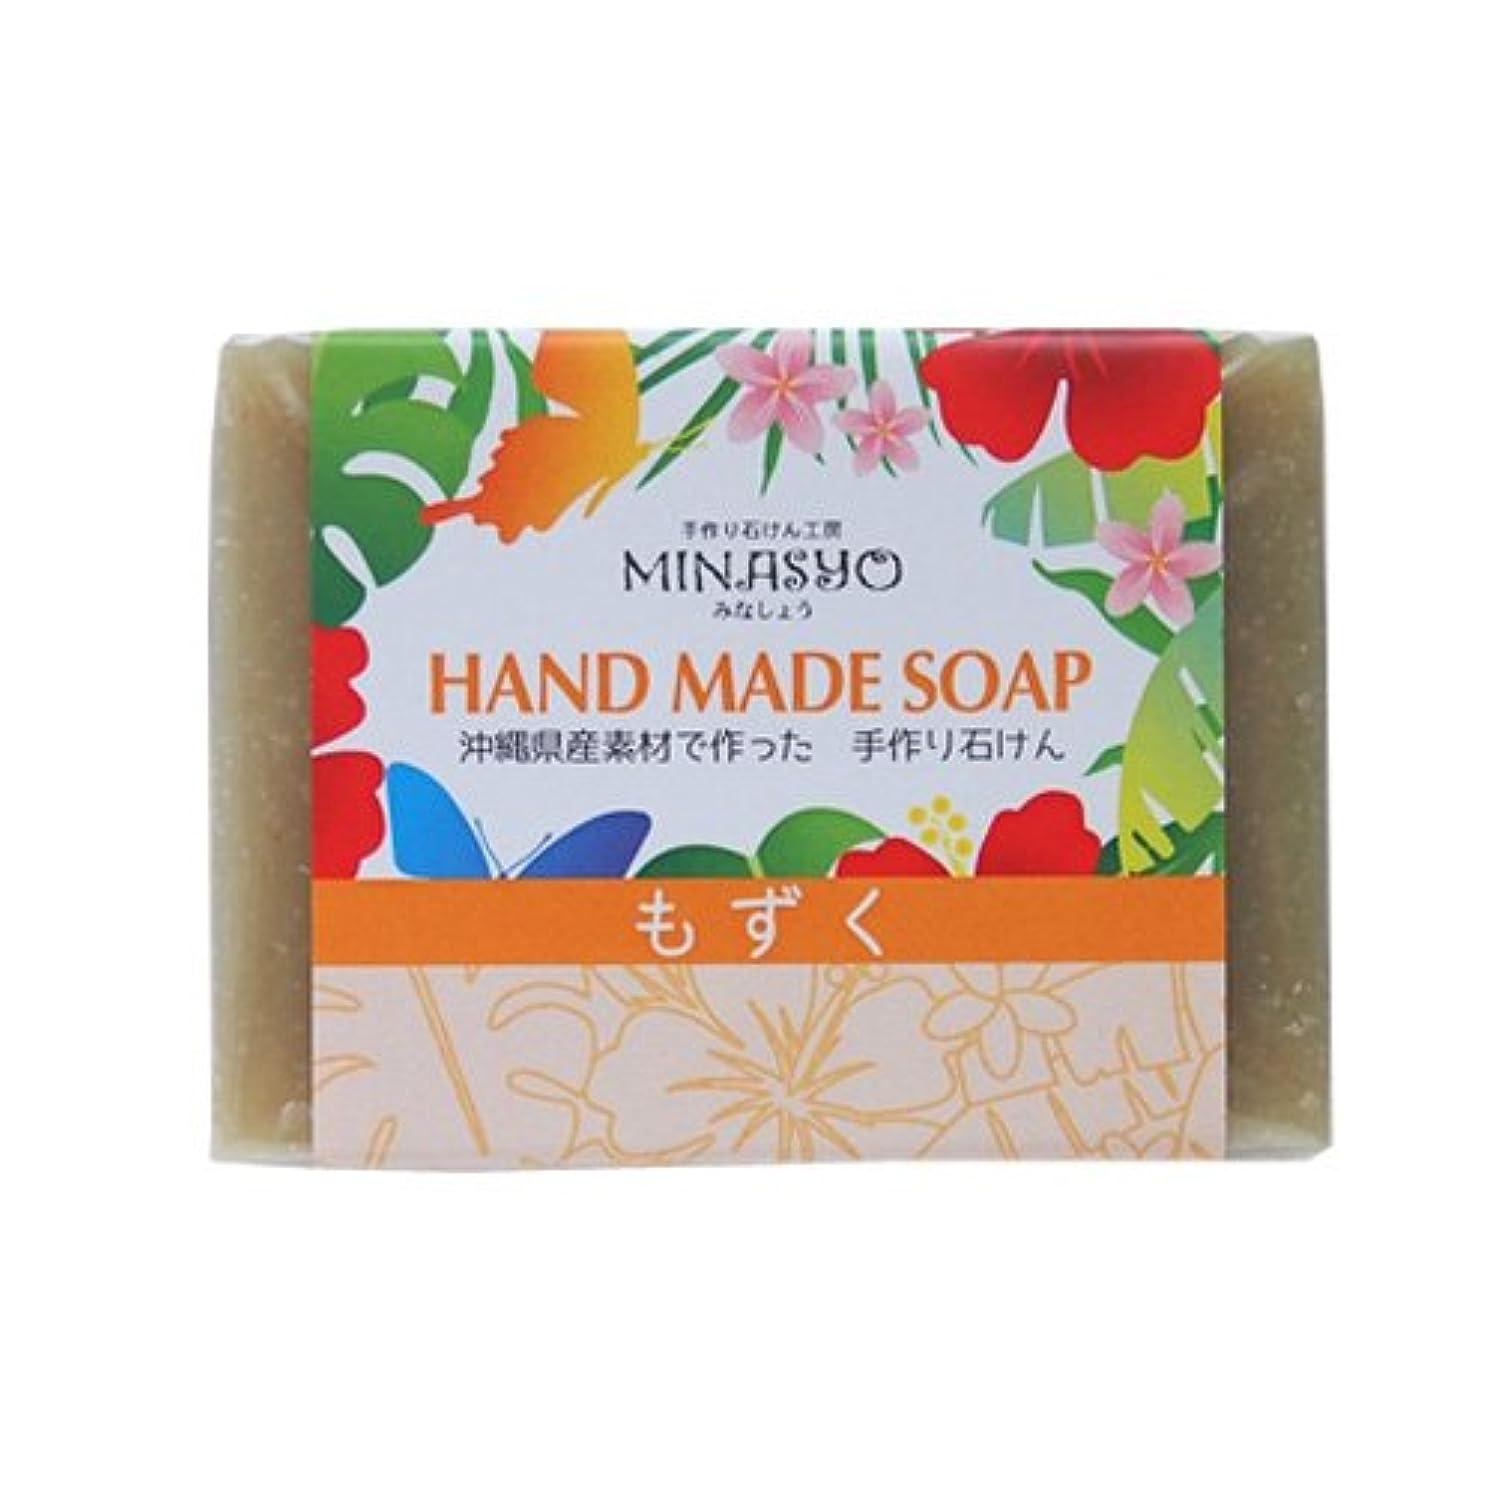 なんでも構成大学生洗顔石鹸 固形 無添加 保湿 敏感肌 乾燥肌 手作りもずく石鹸